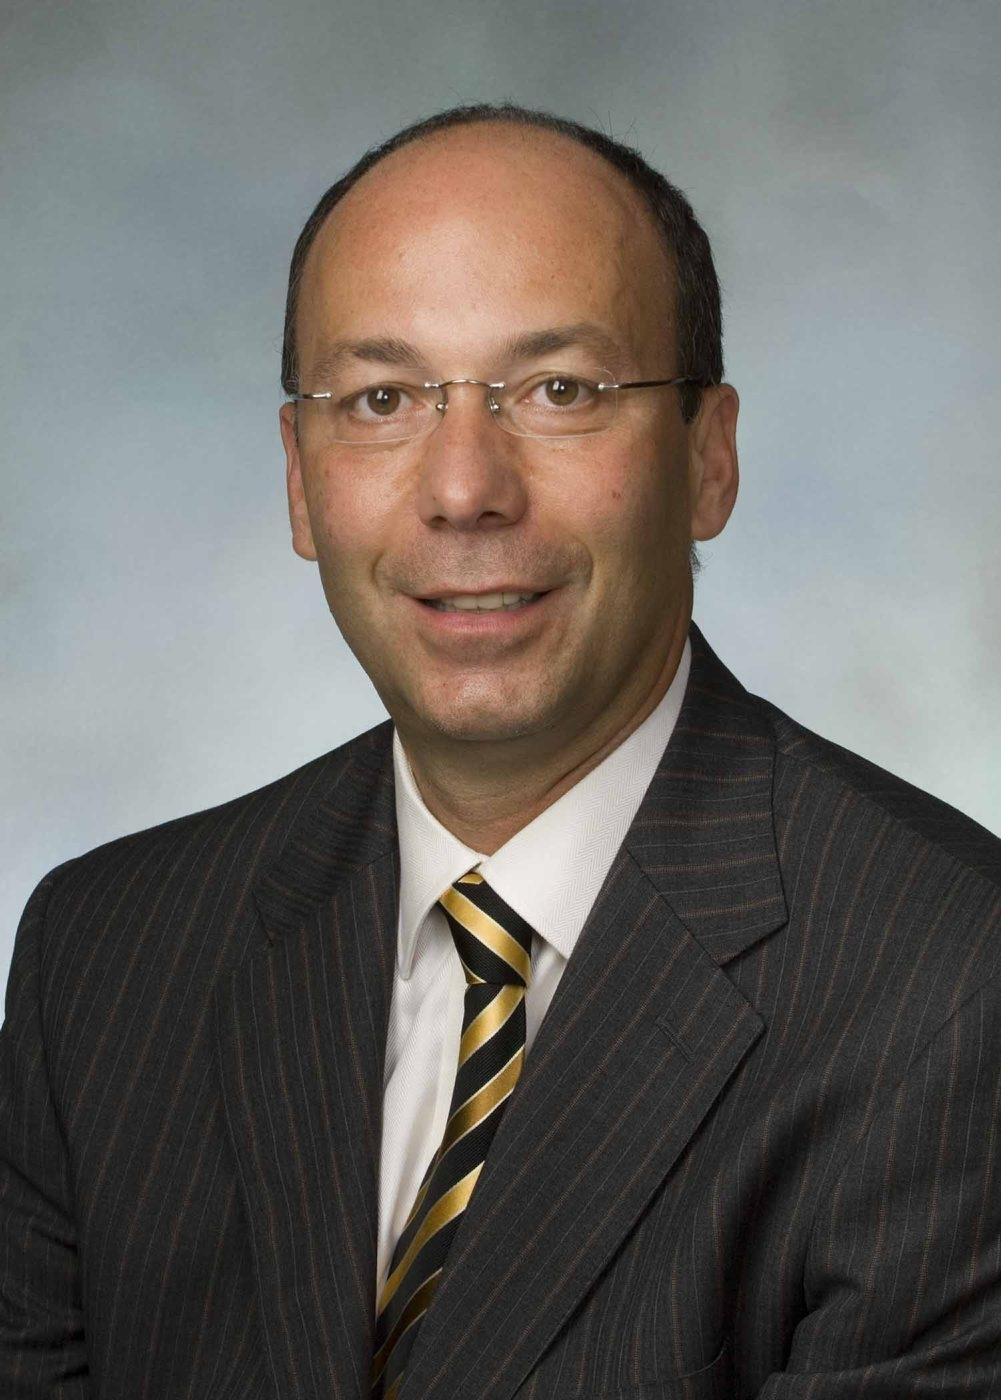 Anthony J. Baynes